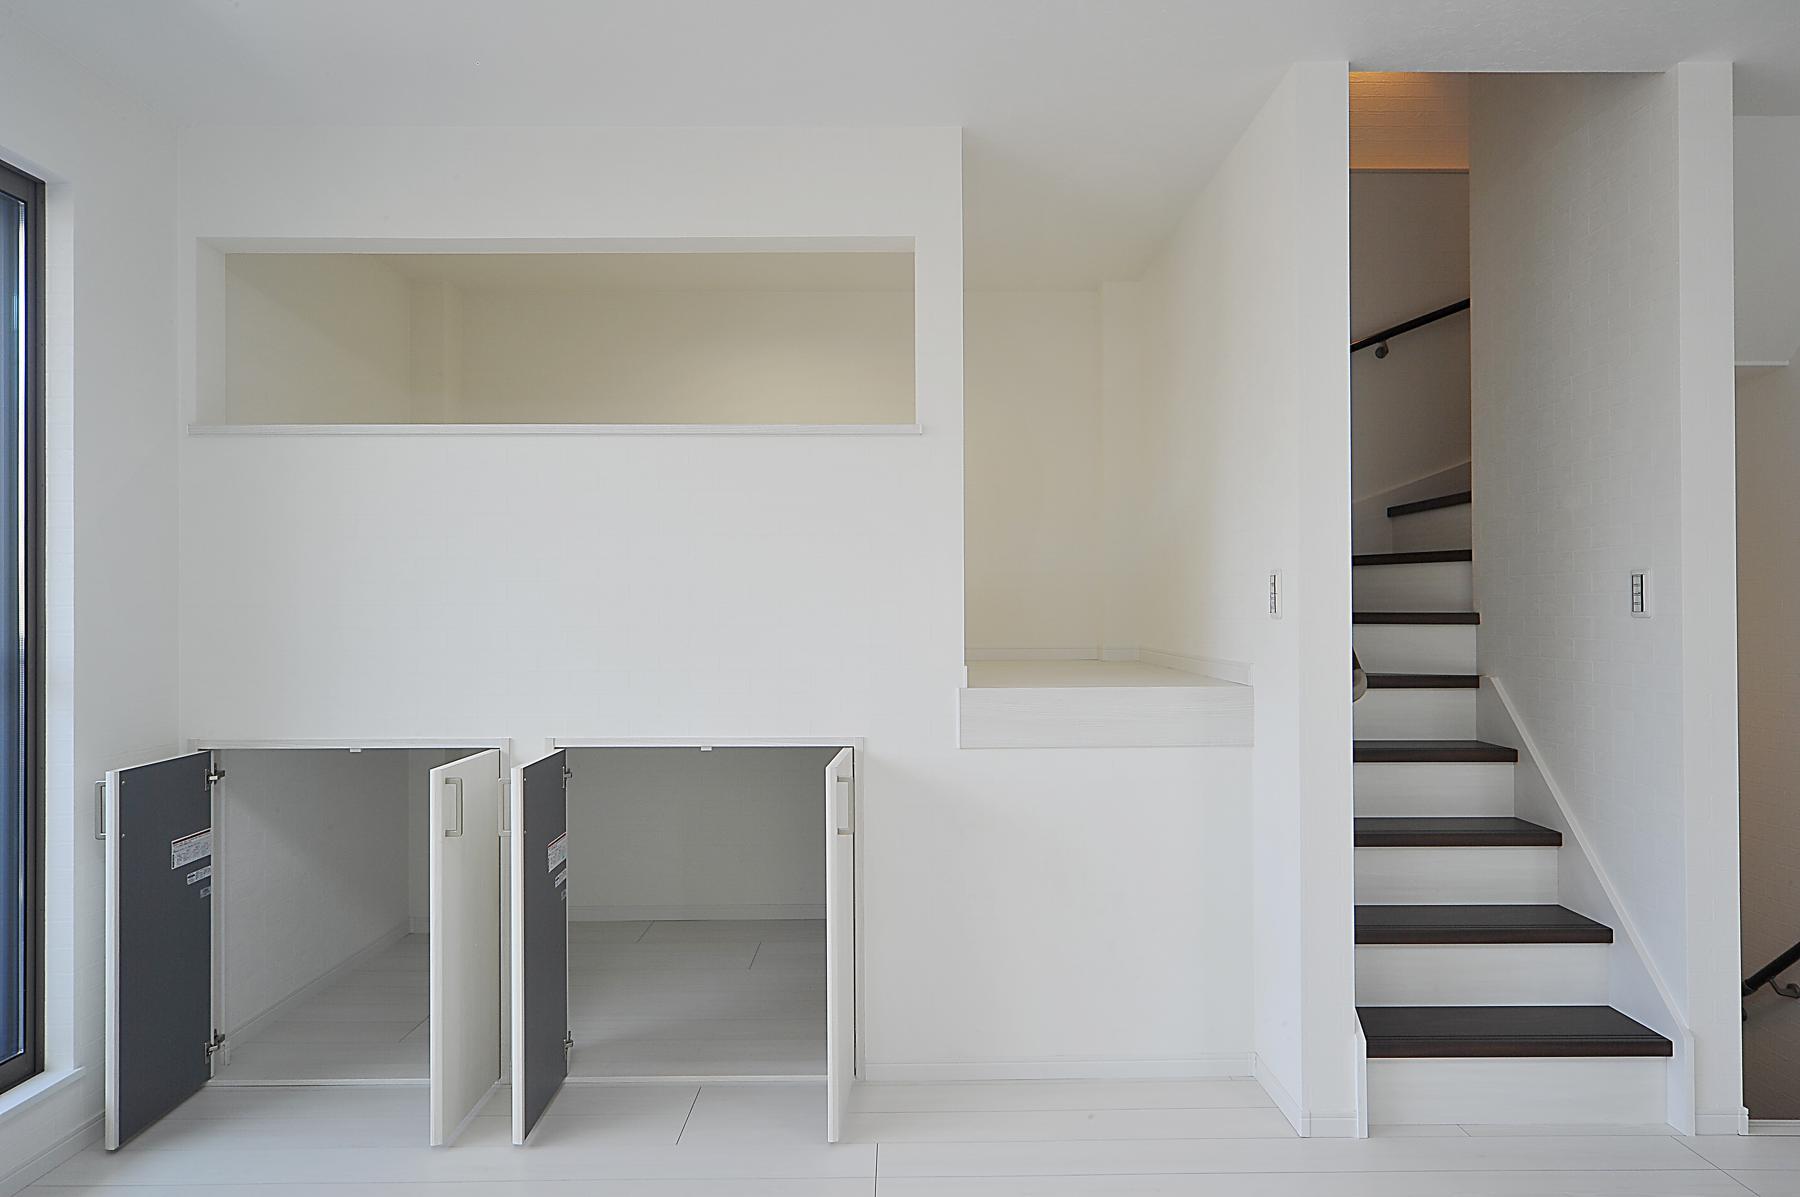 秘密基地がある夢の二世帯住宅遊び心をくすぐる楽しい設計♪